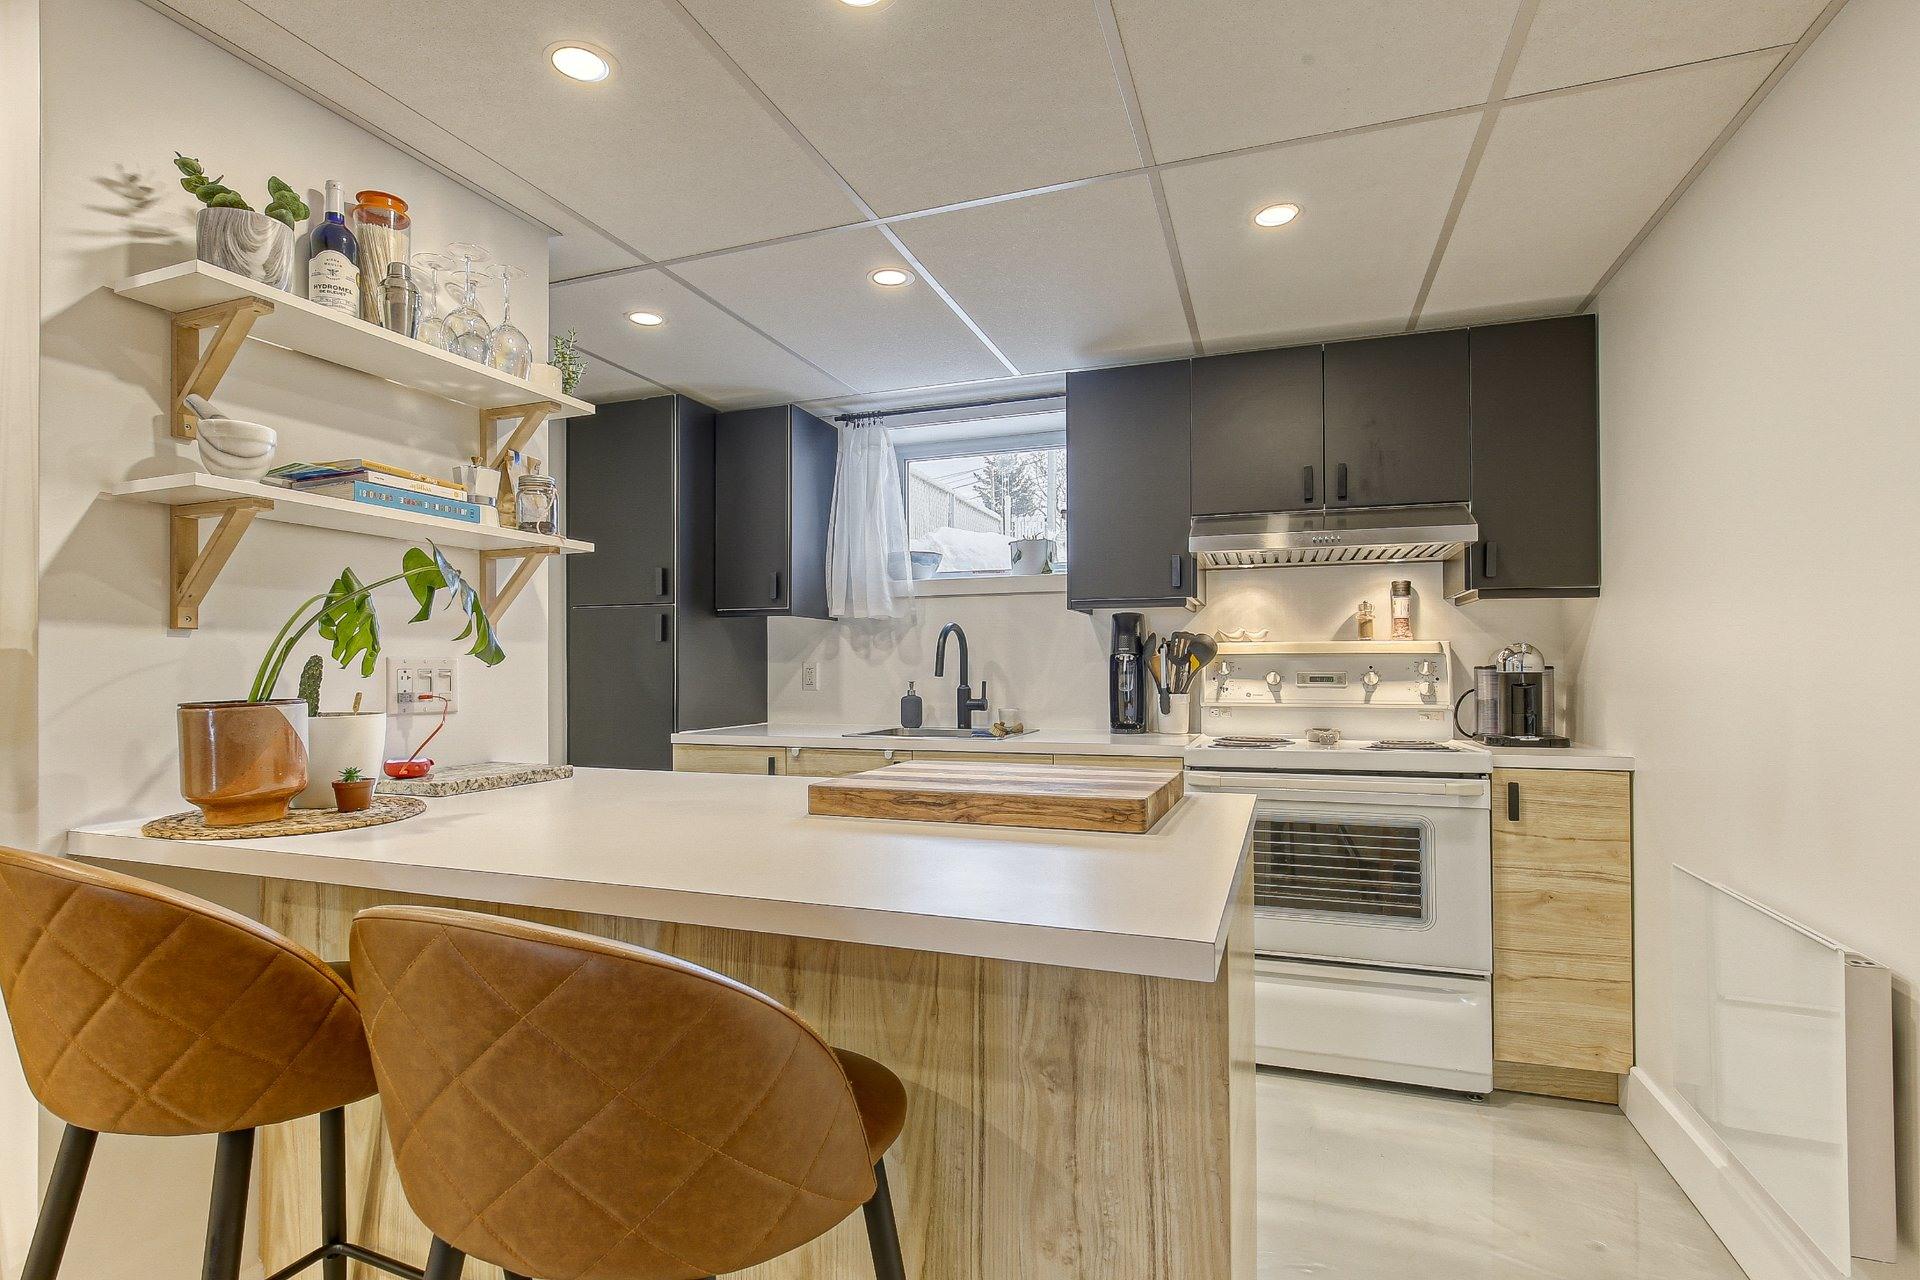 image 22 - Duplex À vendre Villeray/Saint-Michel/Parc-Extension Montréal  - 5 pièces